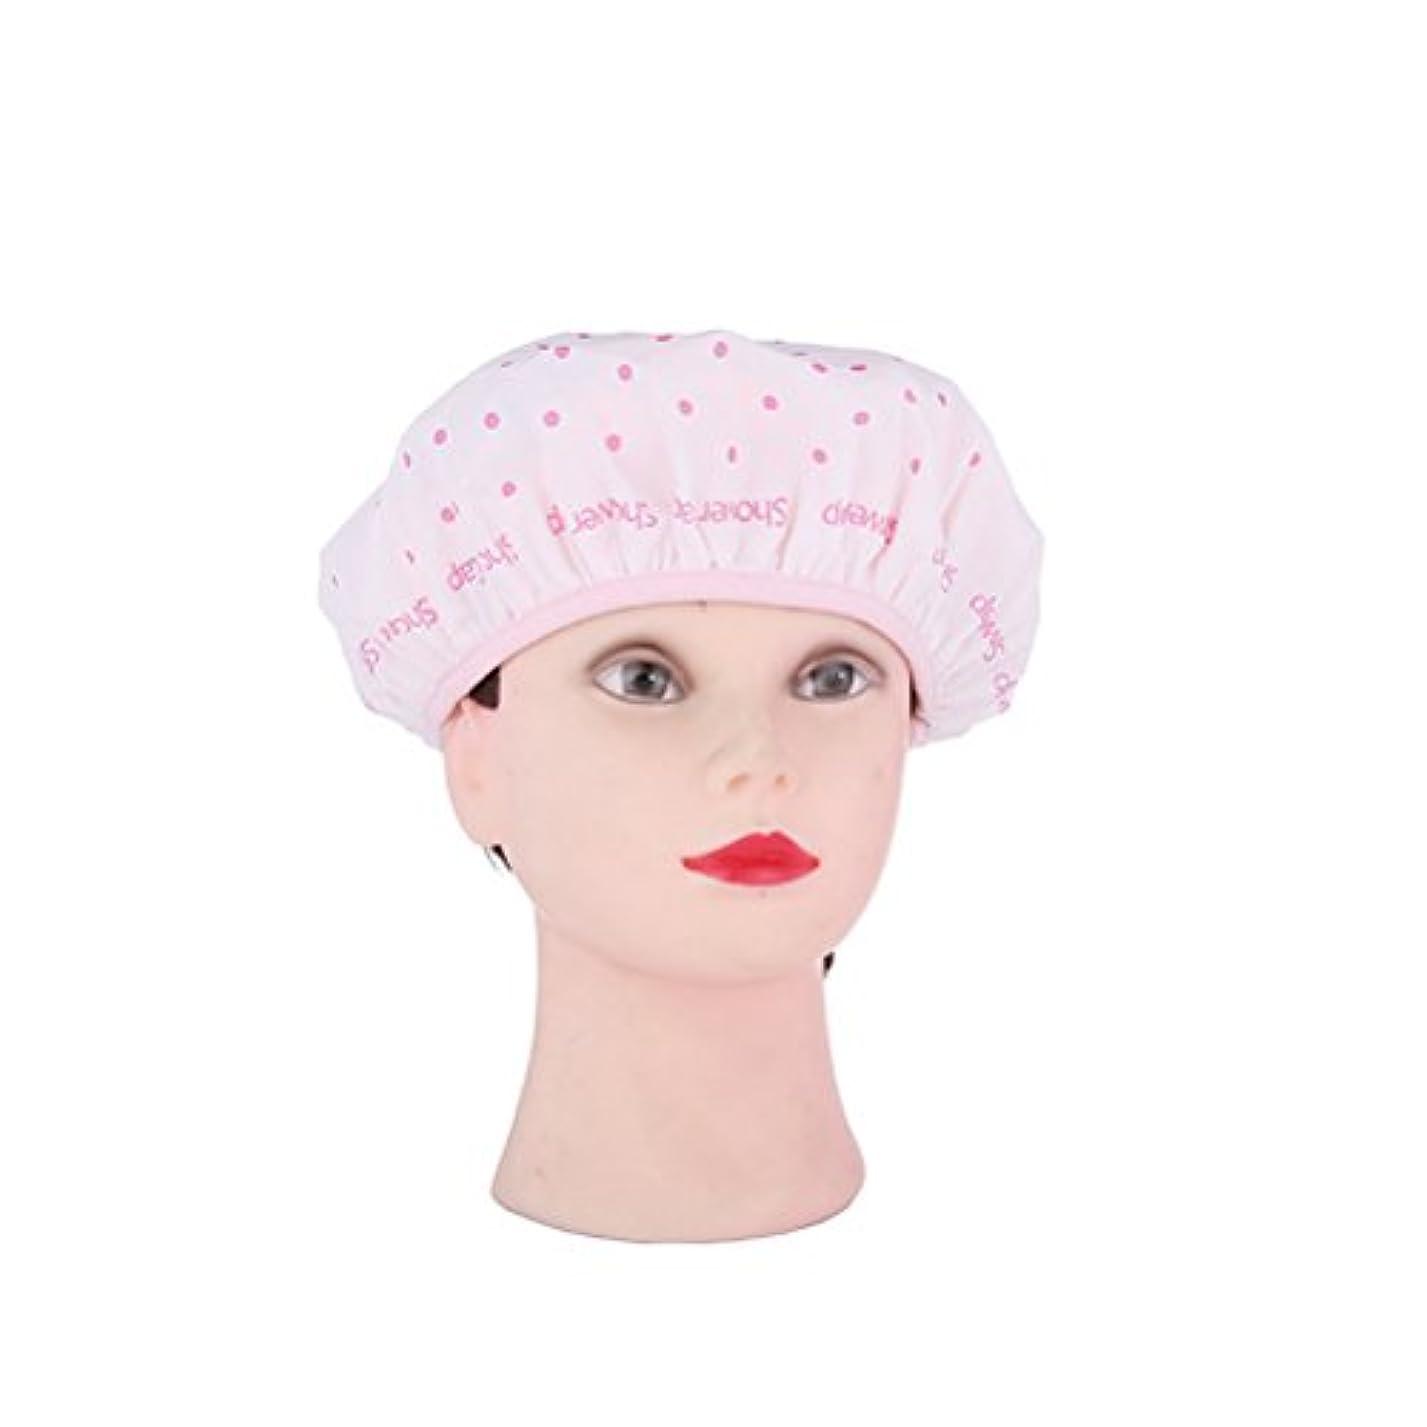 窒息させる富豪控えめなROSENICE シャワーキャップ防水性モールド抵抗性の洗えるシャワーキャップかわいいやわらかい髪の帽子(ピンク)